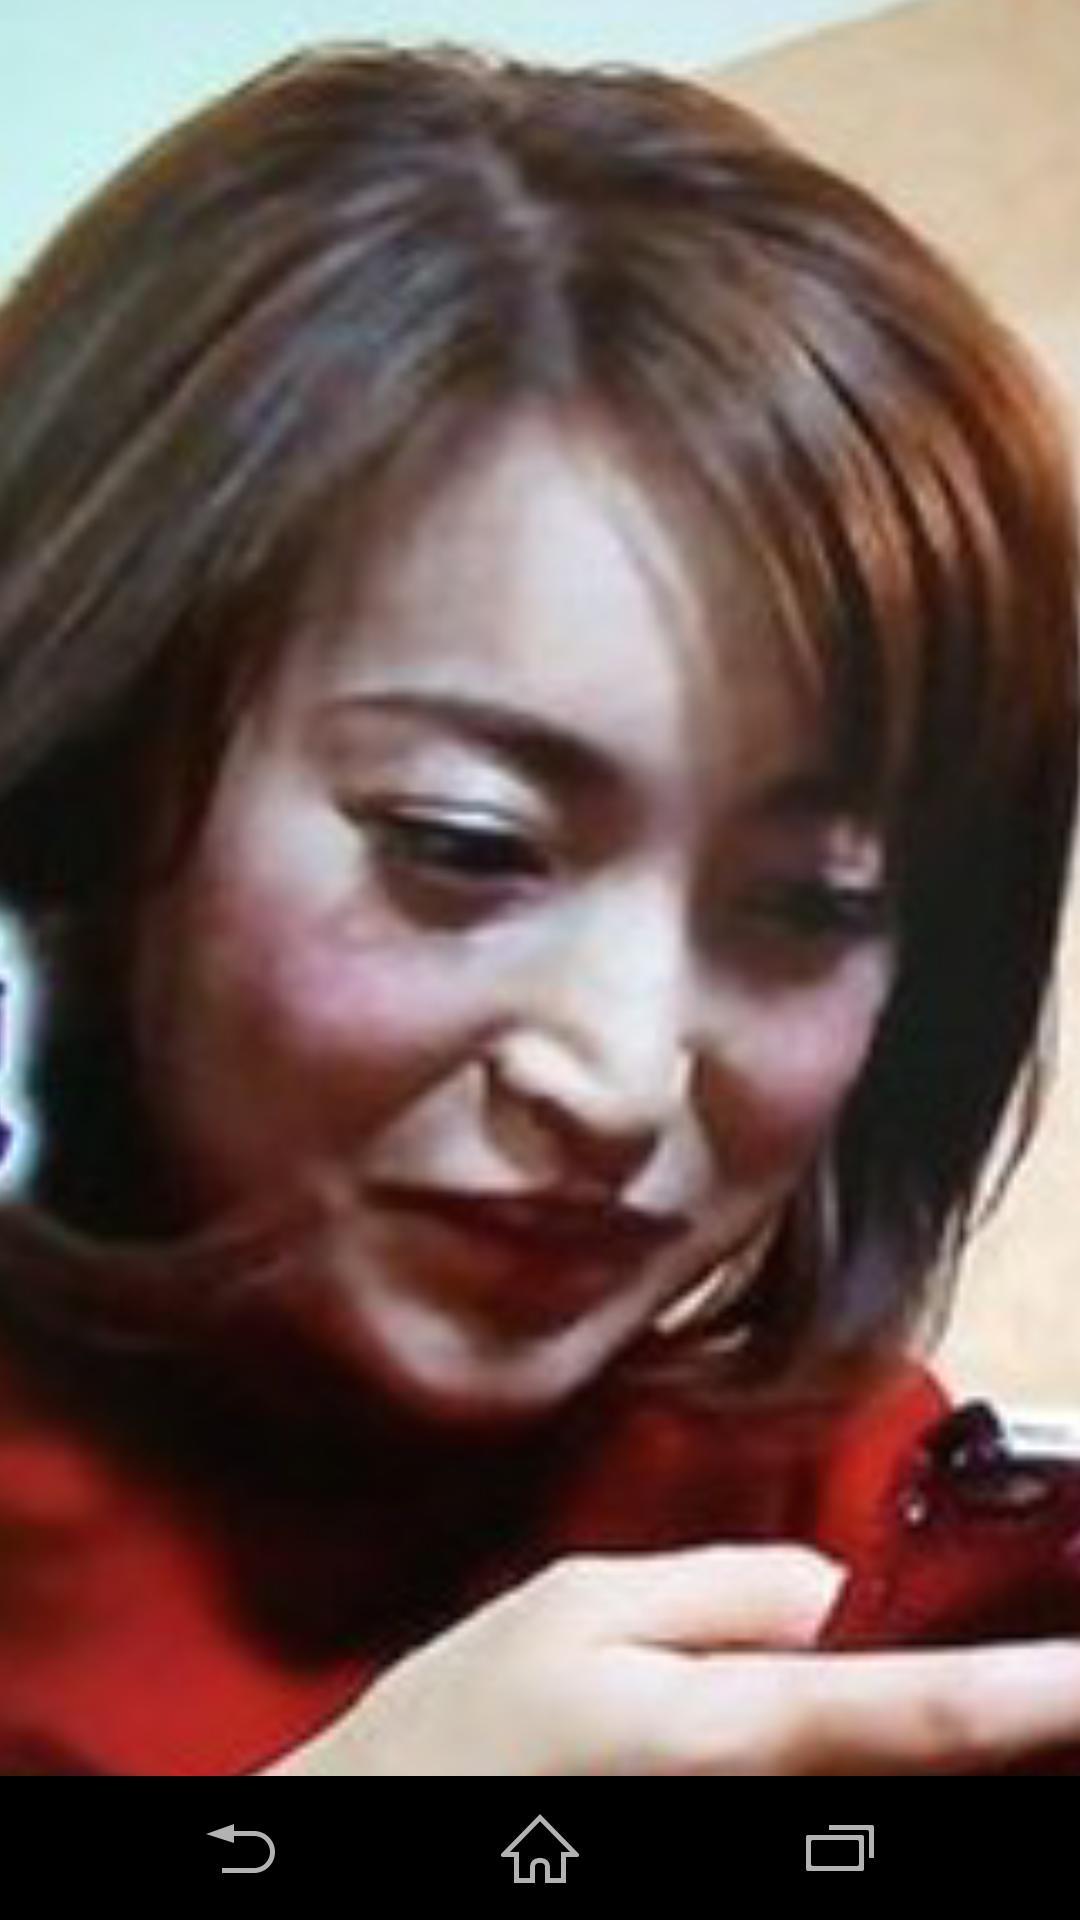 フジテレビ「ノンストップ」で加藤茶夫妻の正月に密着、画面キャプチャの加藤綾菜